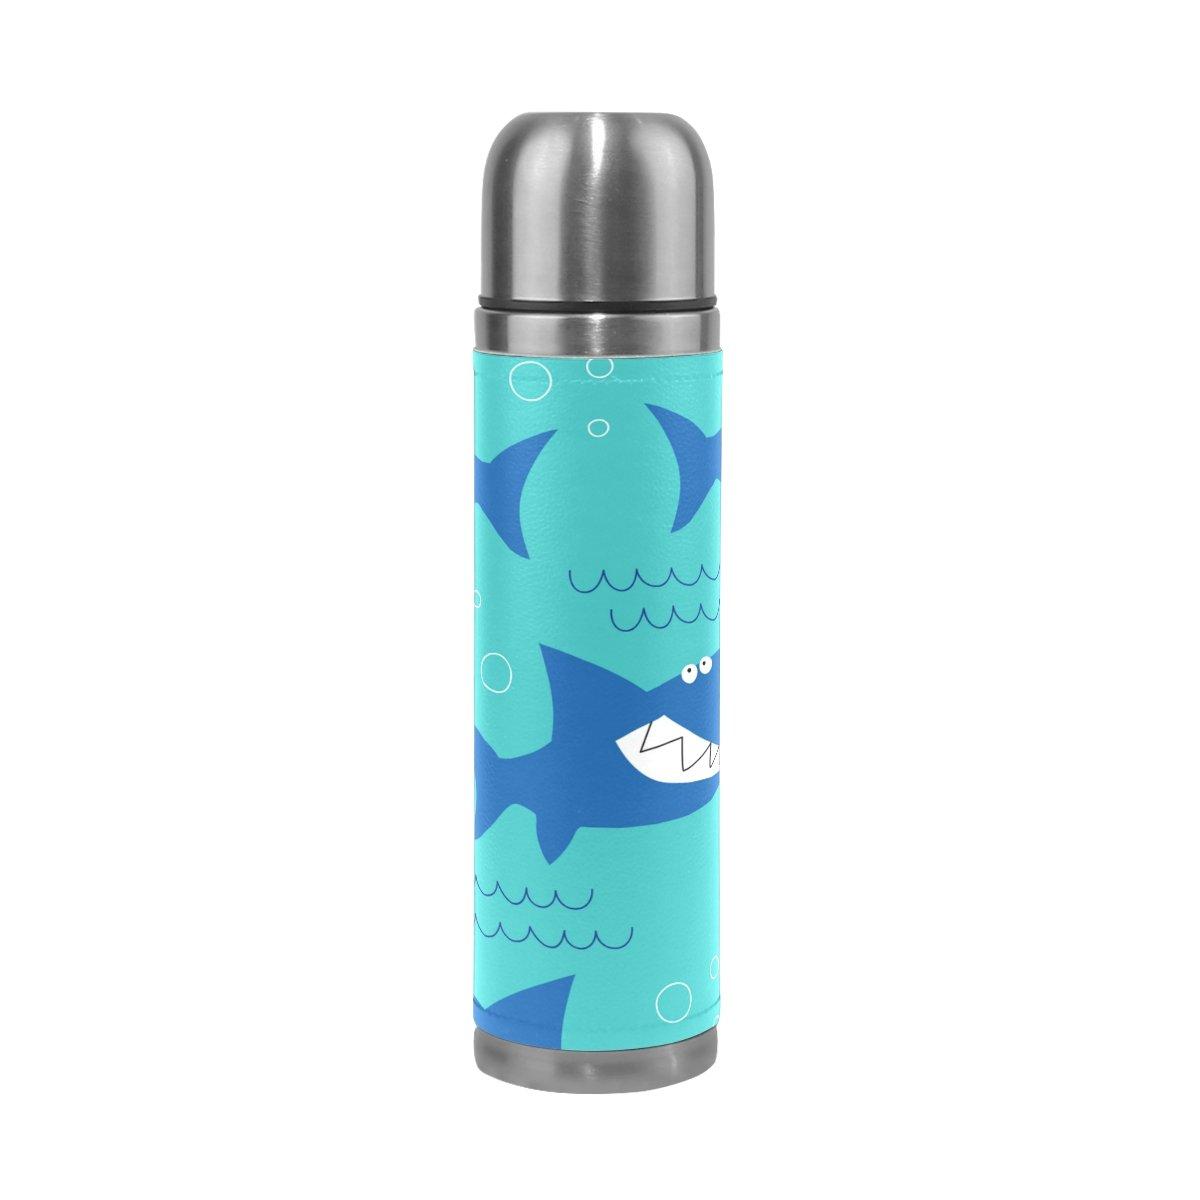 【楽ギフ_包装】 AlazaキュートSharks口ステンレススチール水ボトル二重壁真空断熱魔法瓶フラスコ本革カバー17 B07C9S1MDB oz oz B07C9S1MDB, 【国内在庫】:2b32057e --- a0267596.xsph.ru